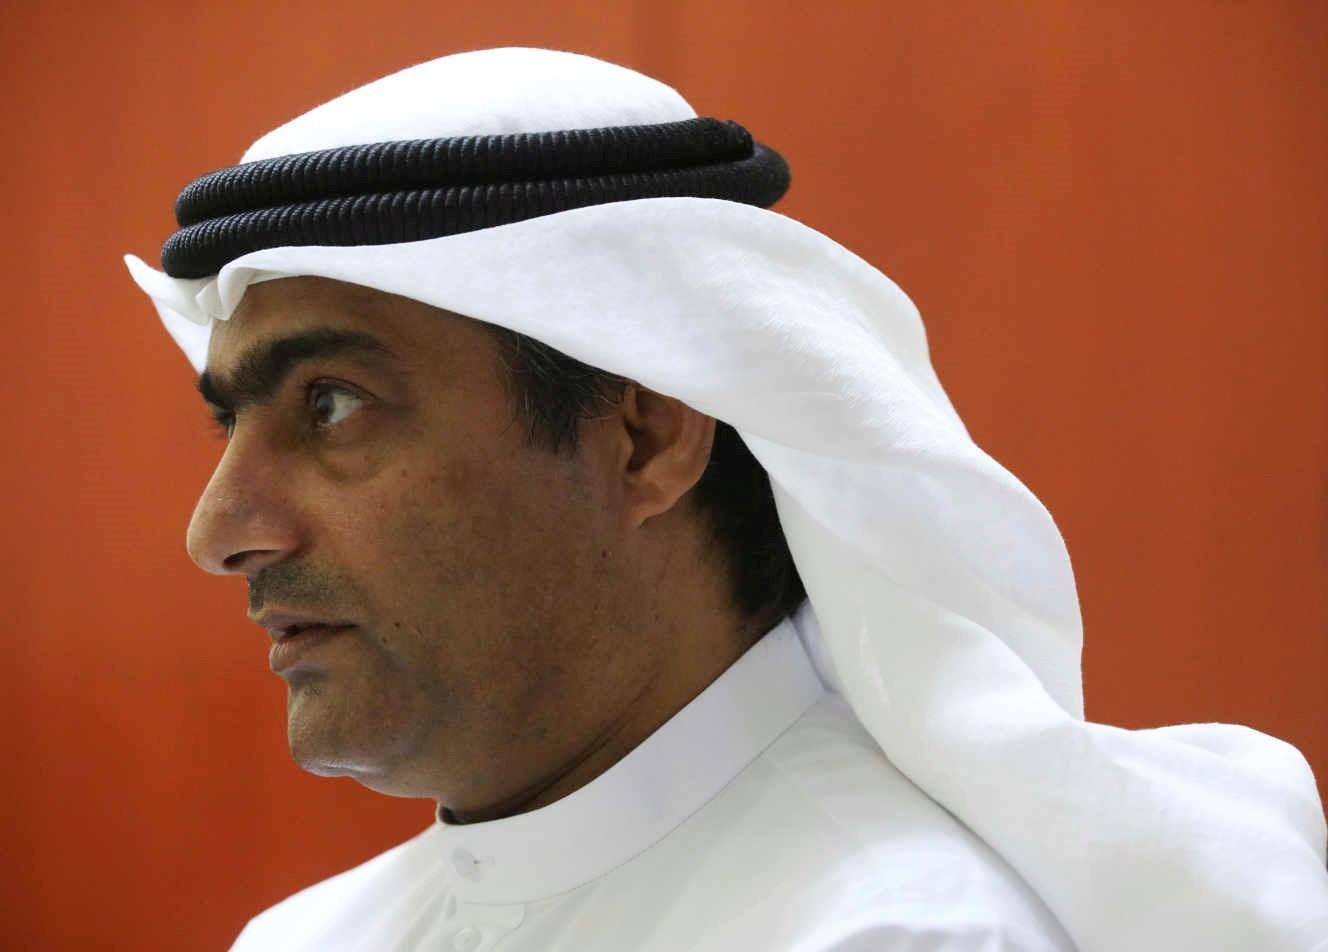 الناشط الحقوقي أحمد منصور في صورة من الأرشيف. الصورة لوكالة أسوشيتد برس,